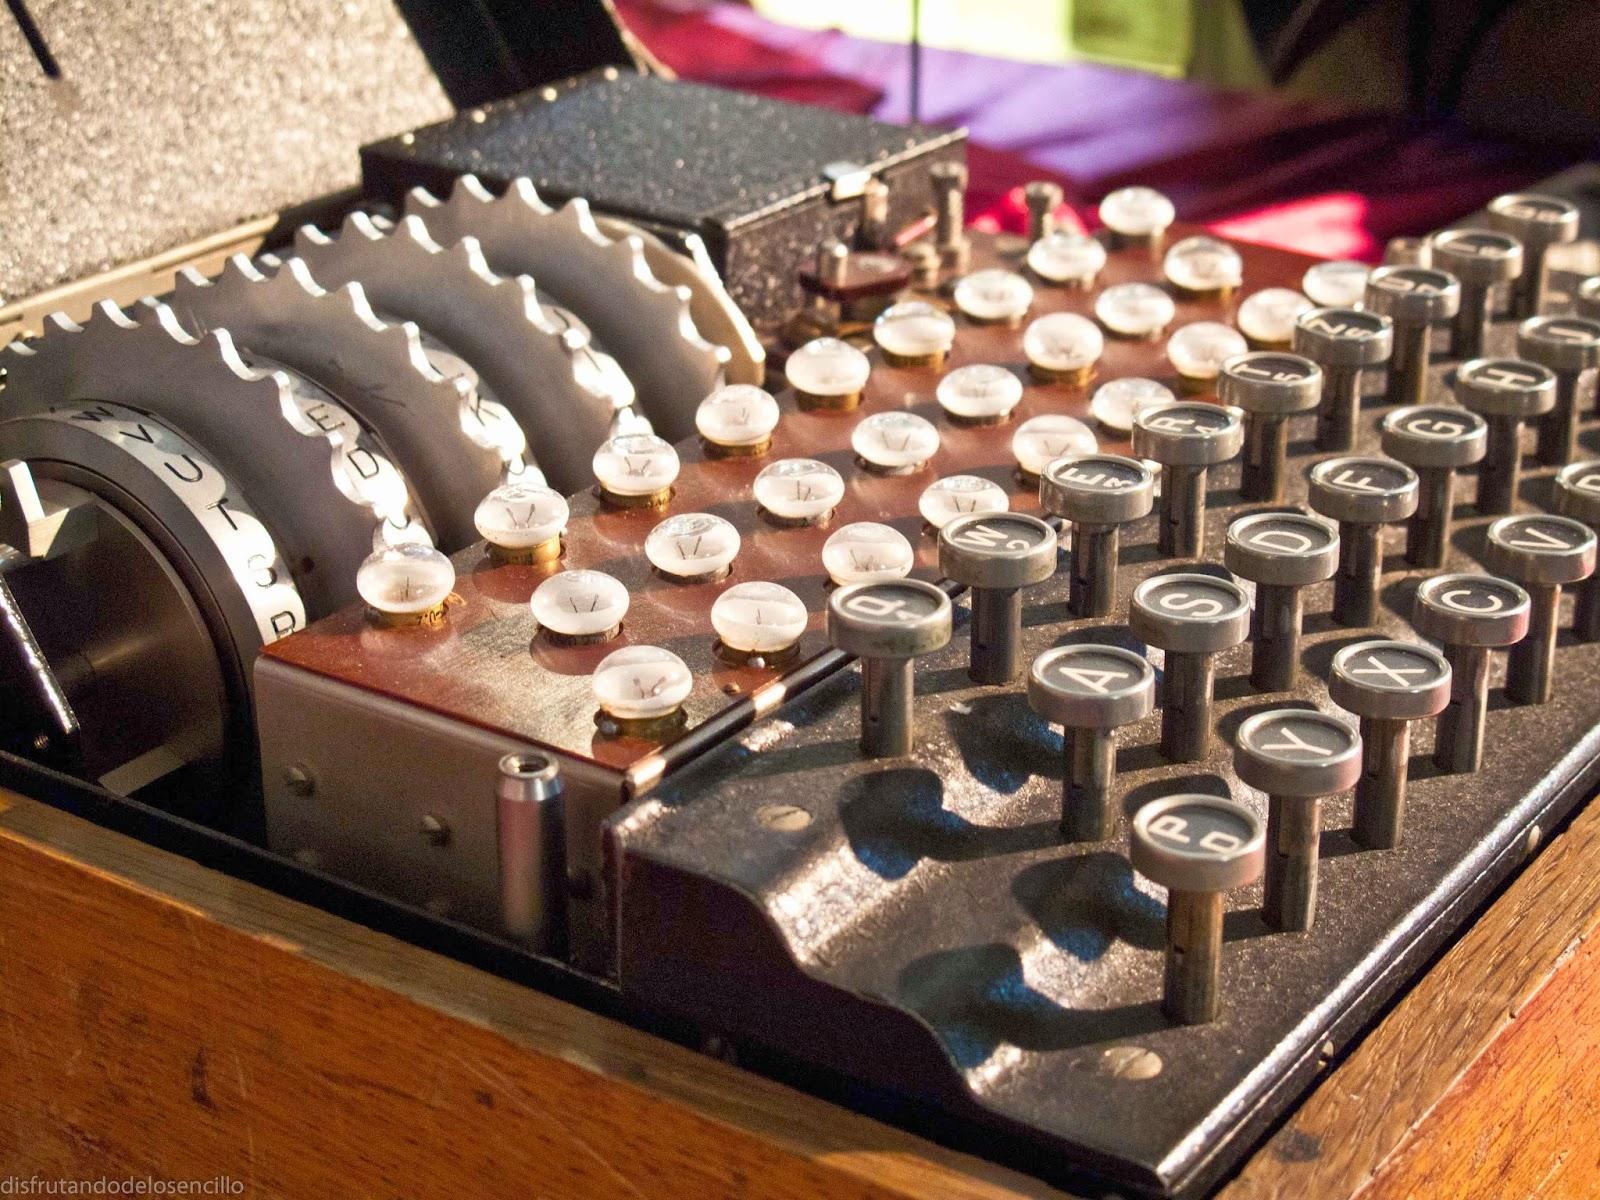 enigma 4 rodillos,museo radiotransmisiones bocanegra, belorado,burgos